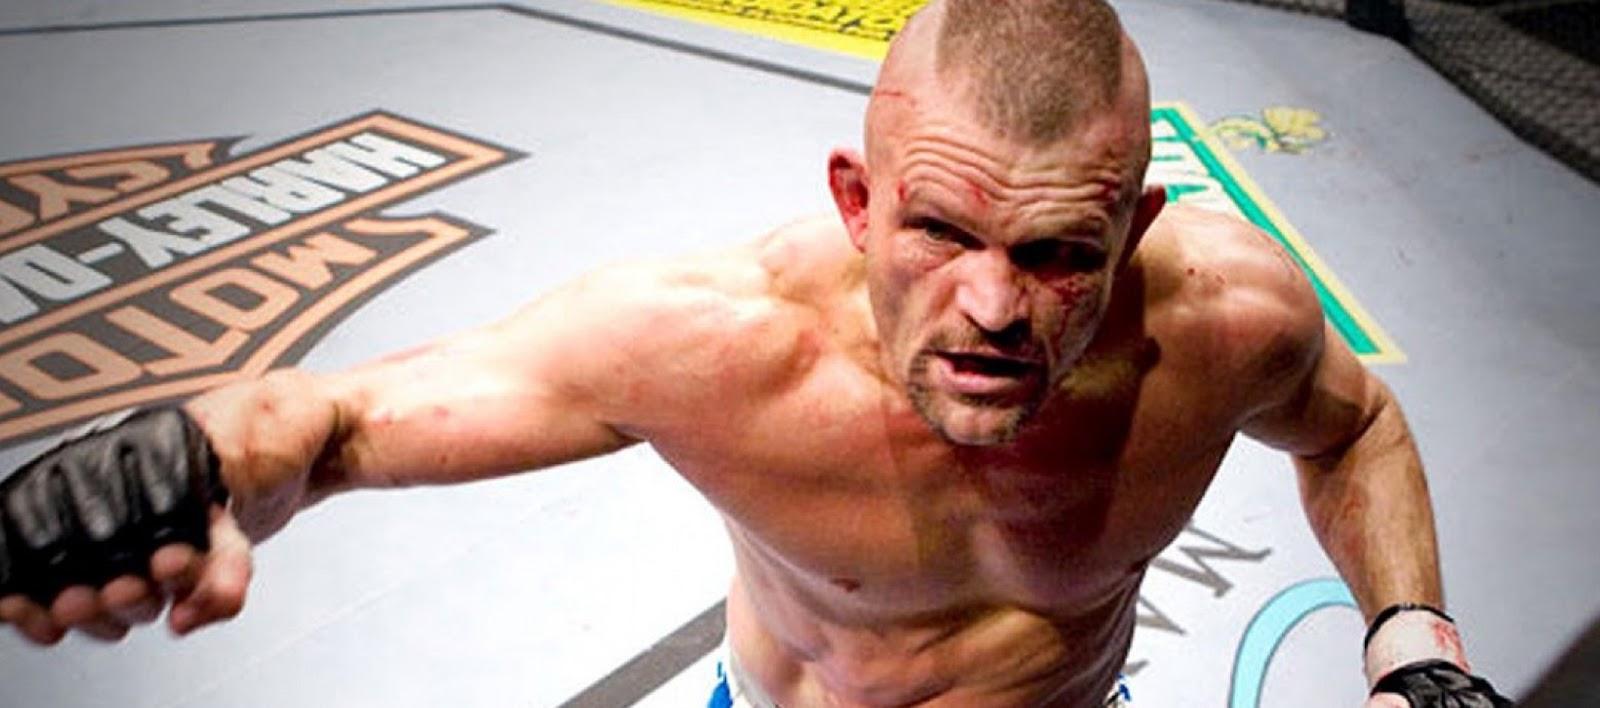 site de rencontre pour les combattants MMA pays le plus facile à brancher